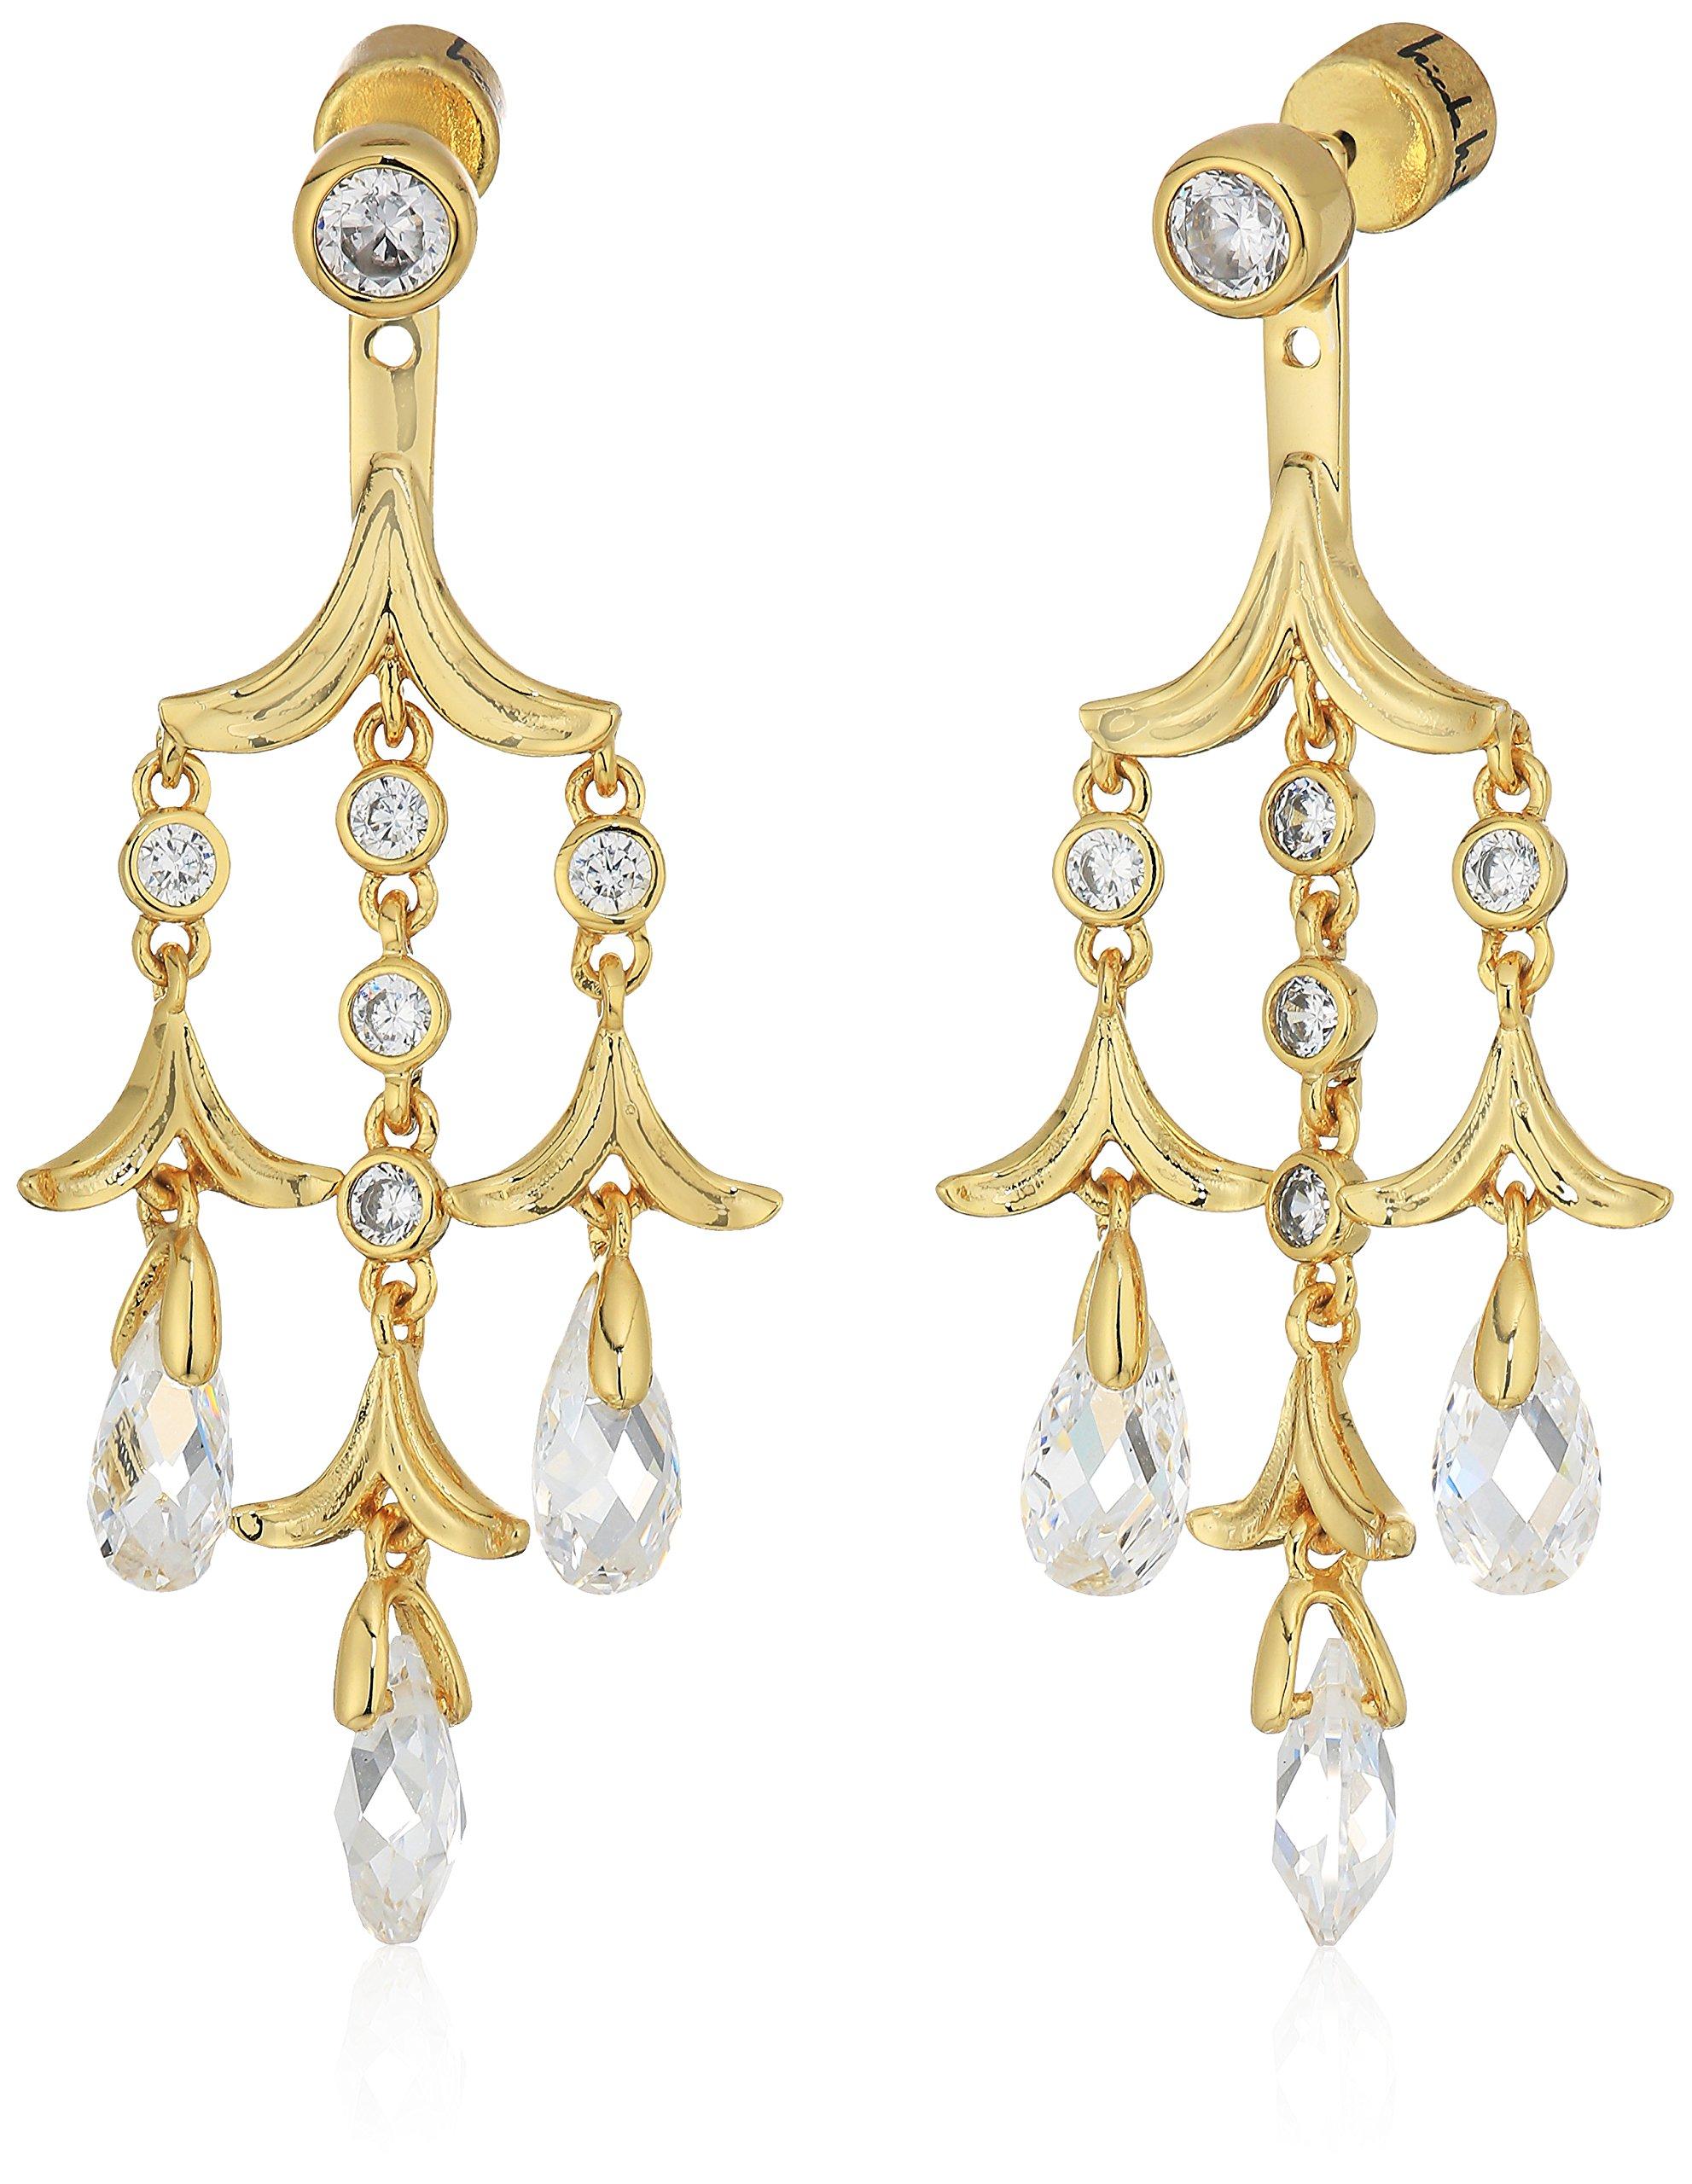 Nicole Miller Briolette Triple Drop Chandelier Gold/Clear Earrings Jacket